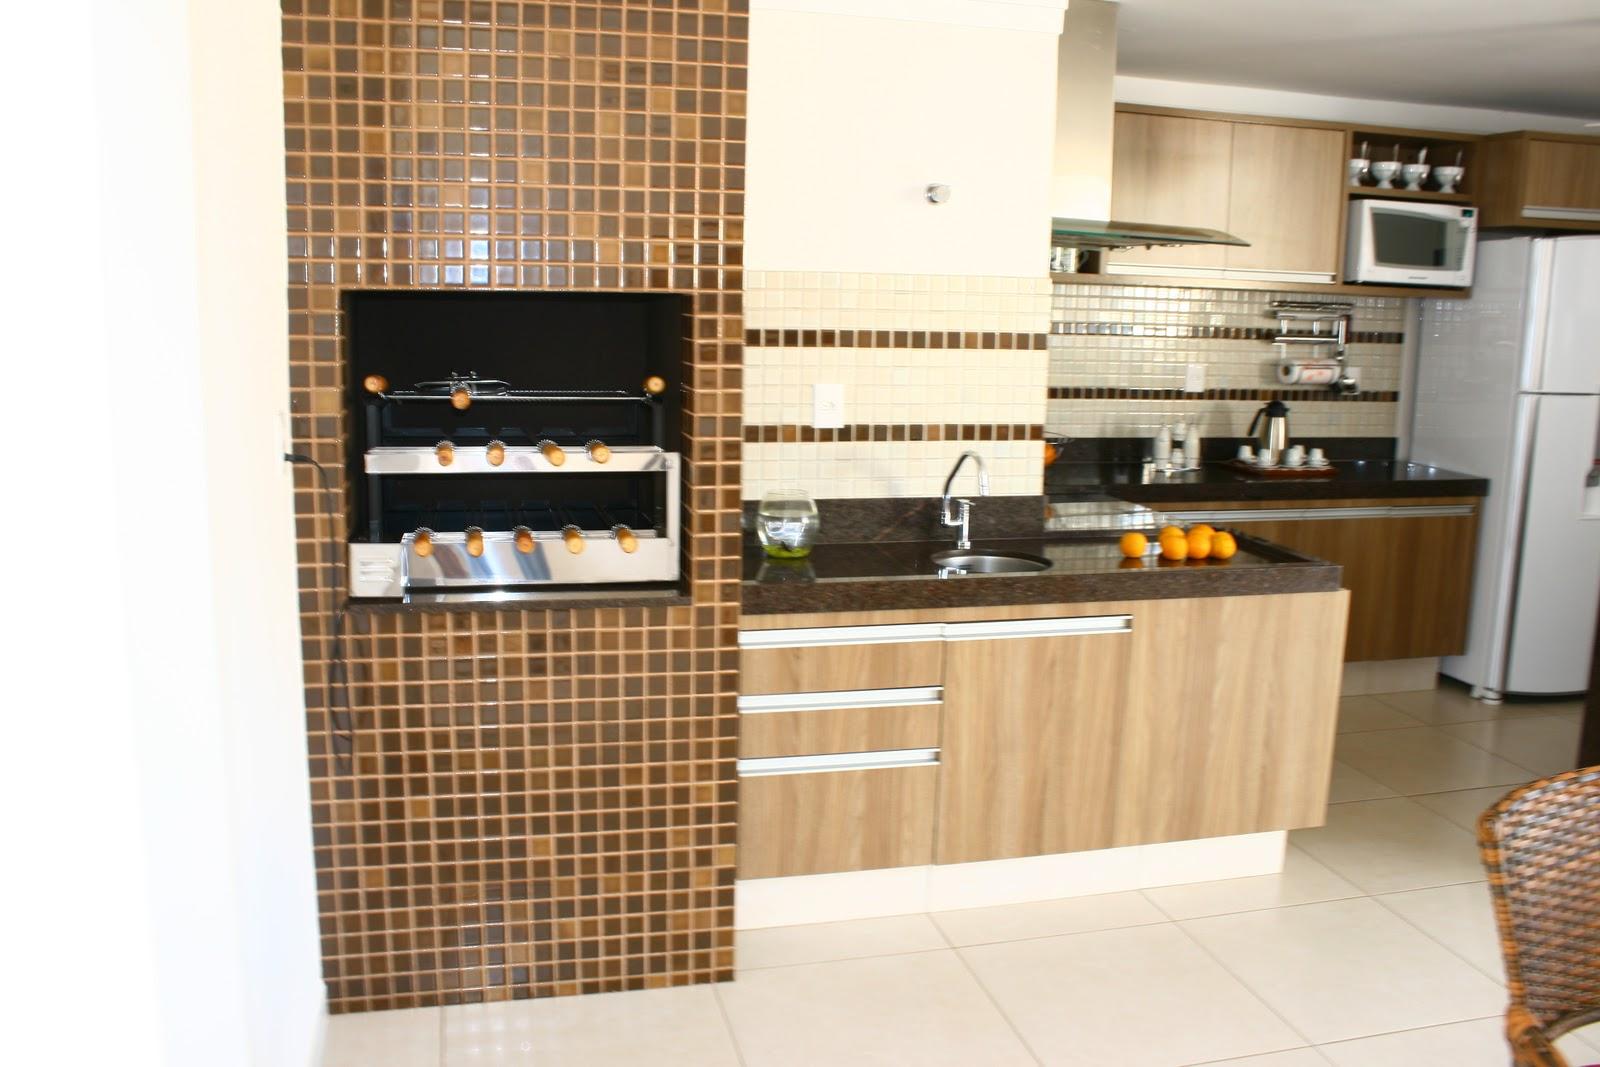 Requint Móveis Planejados*: Cozinha Integrada à Área de Lazer #996832 1600 1067